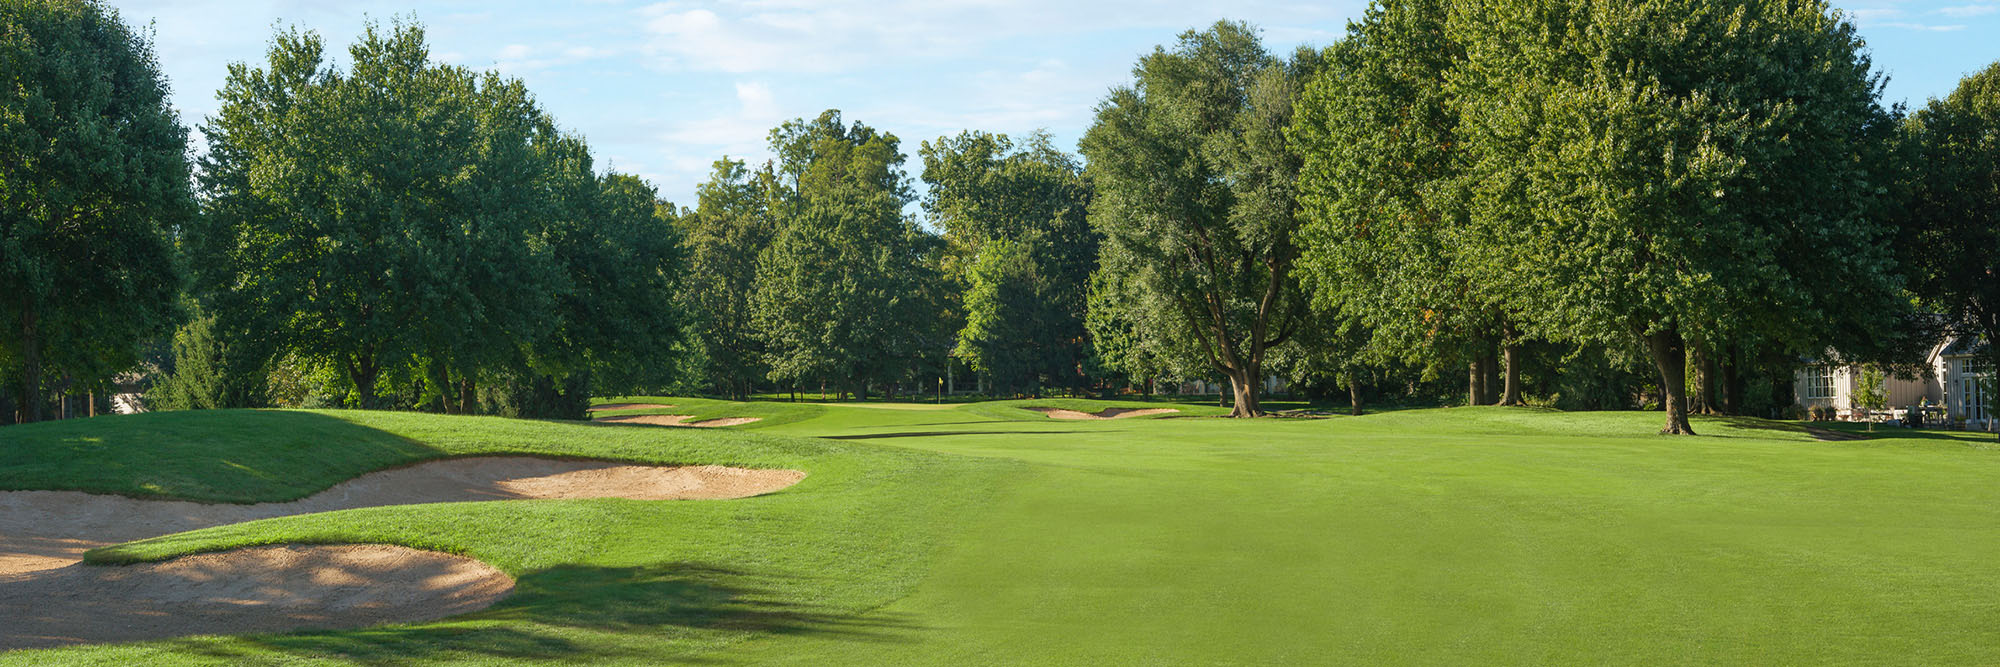 Golf Course Image - Hickory Hills No. 4